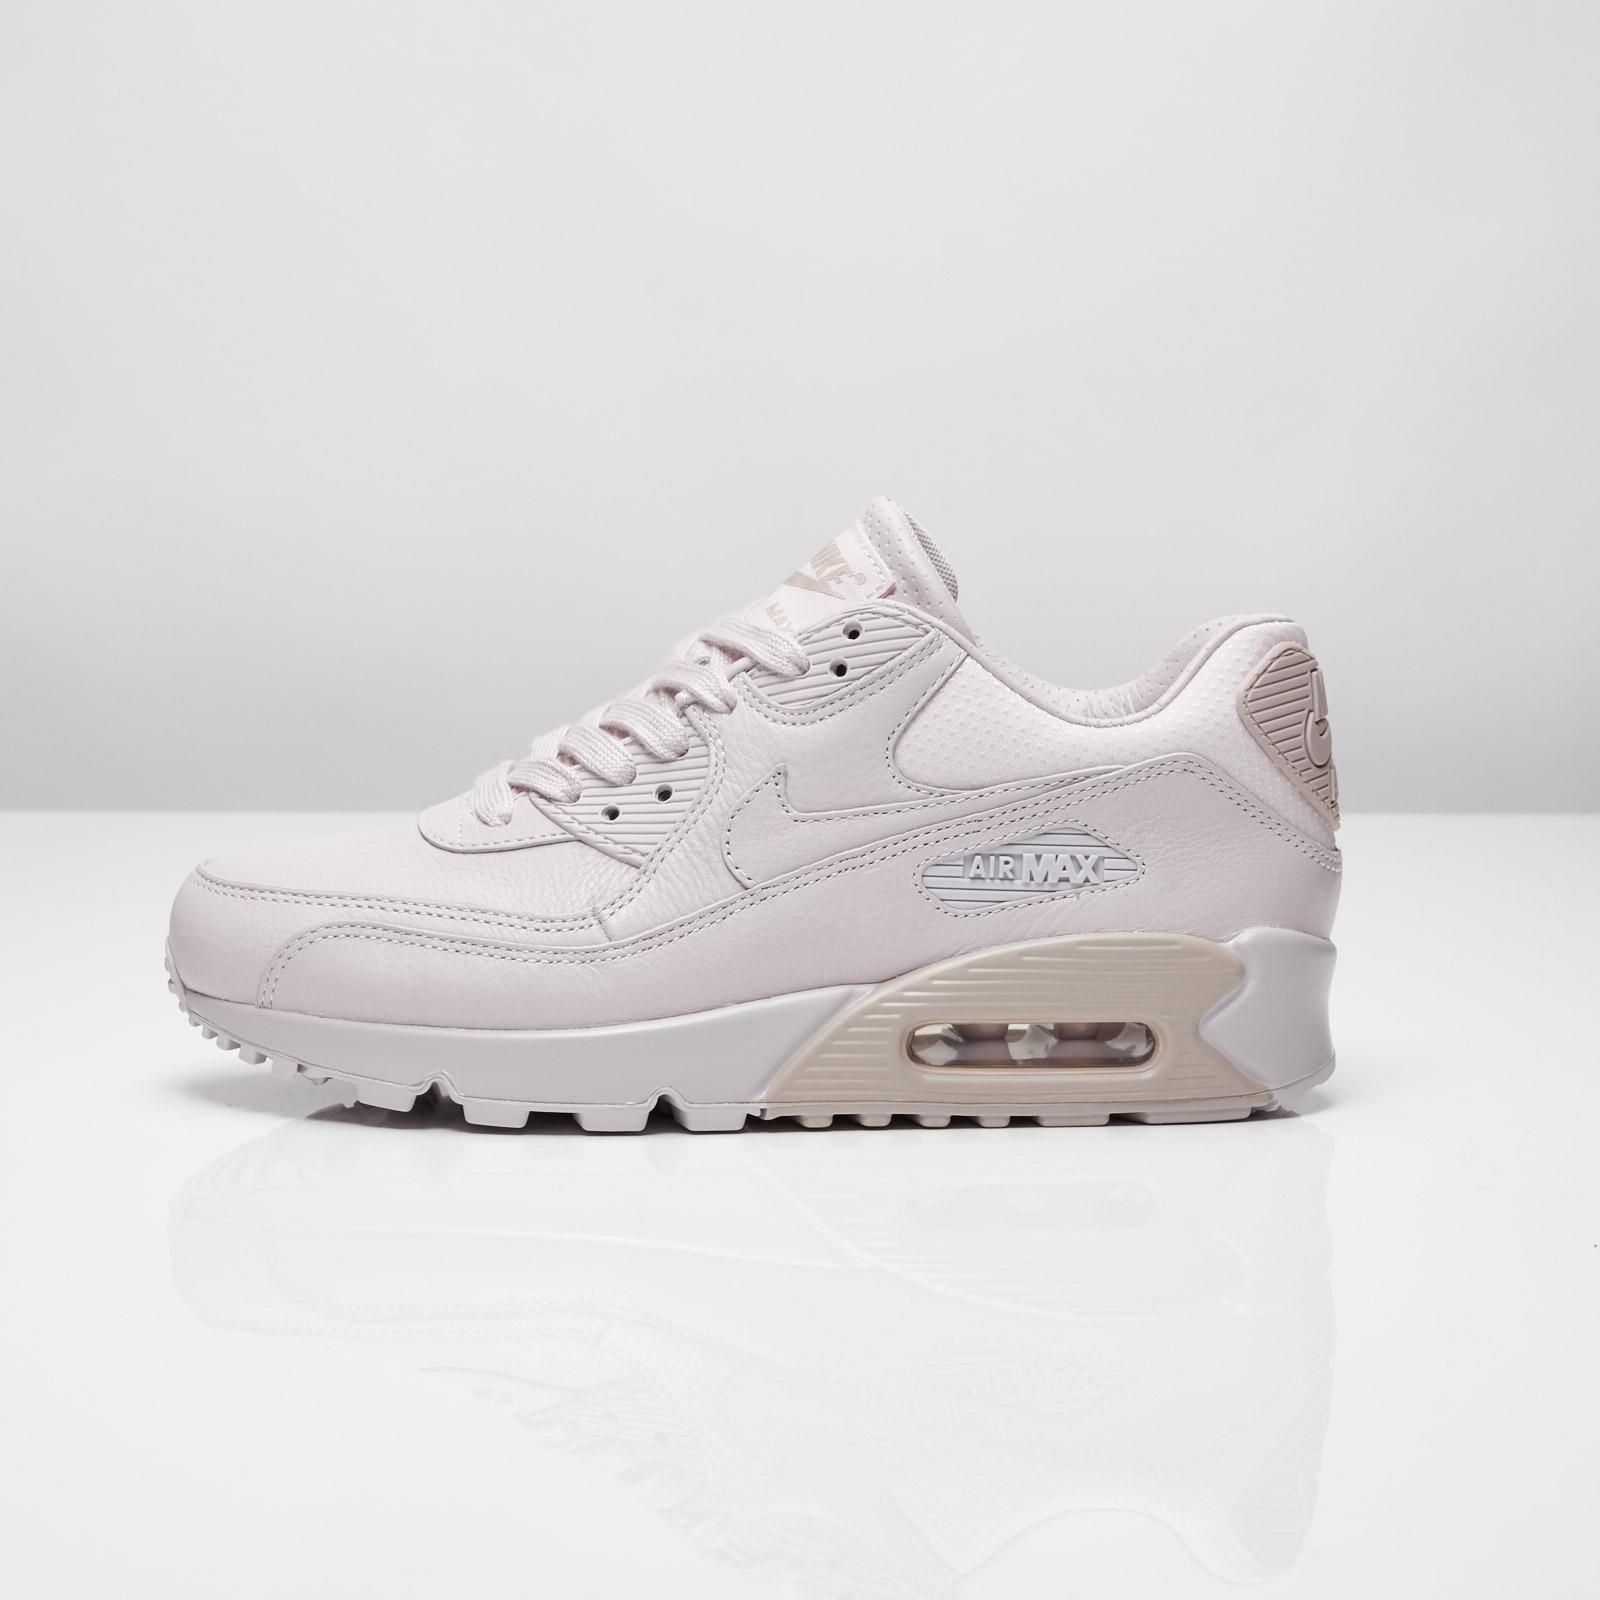 online store 3a22d 225fd ... Nike Wmns Air Max 90 Pinnacle ...